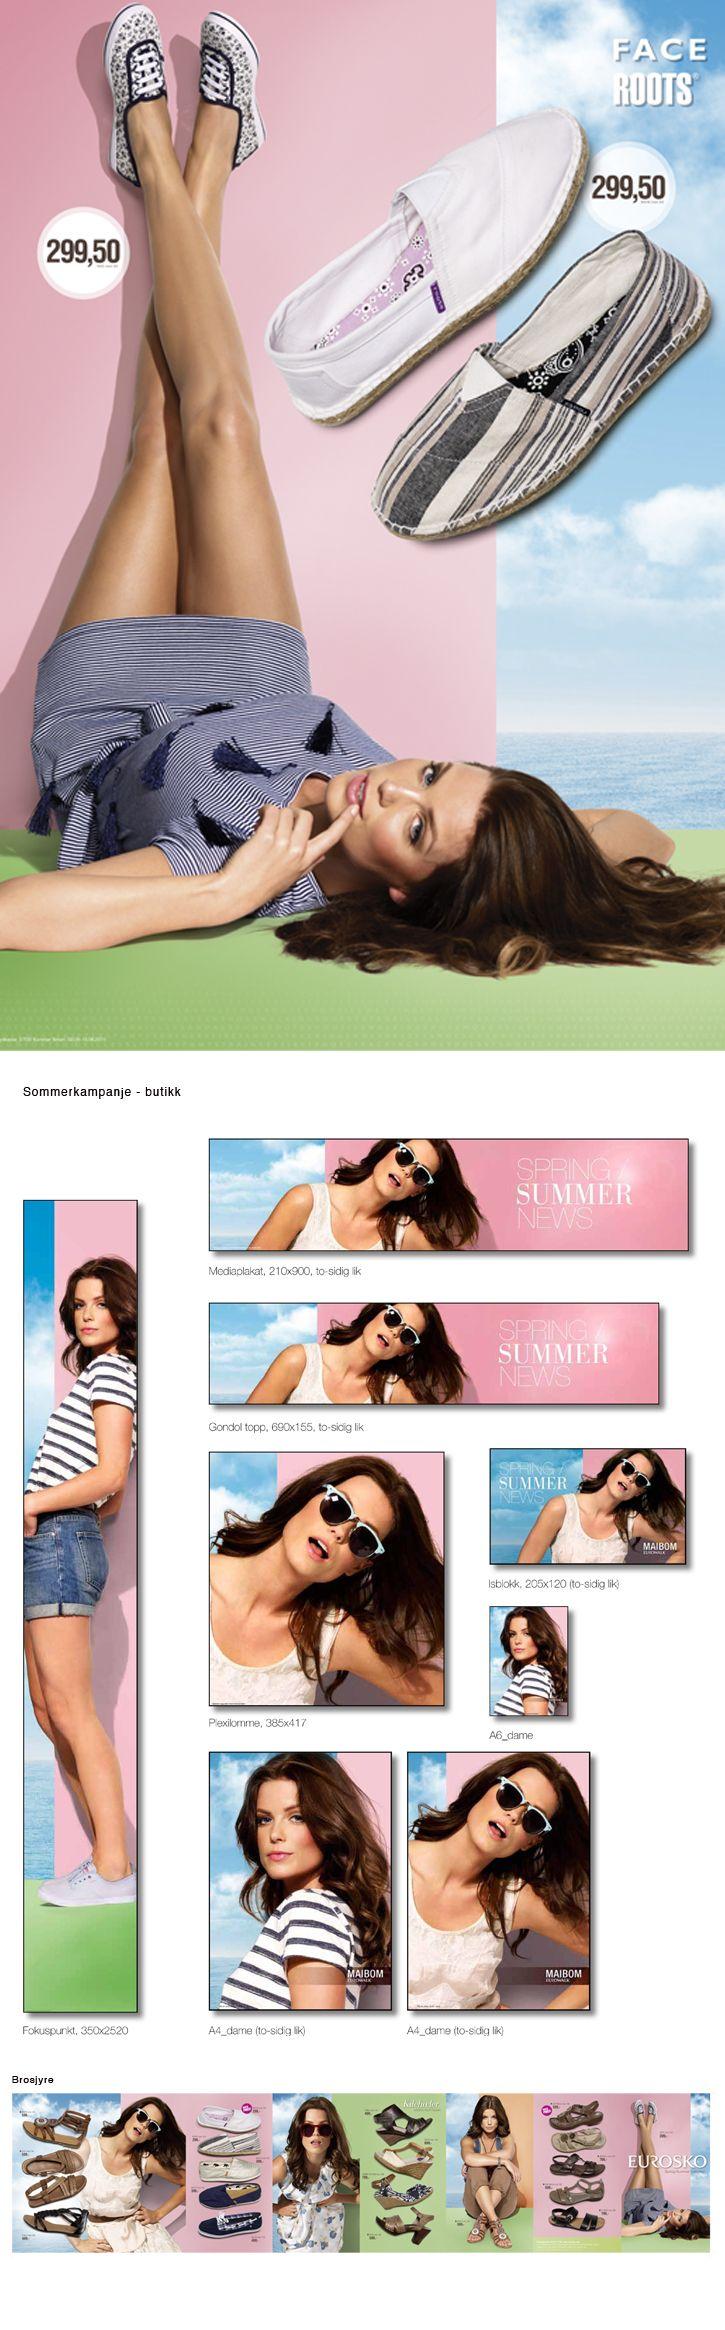 Sommerkampanje for Eurosko Norge. Butikkmateriell, brosjyre og digitale medier.